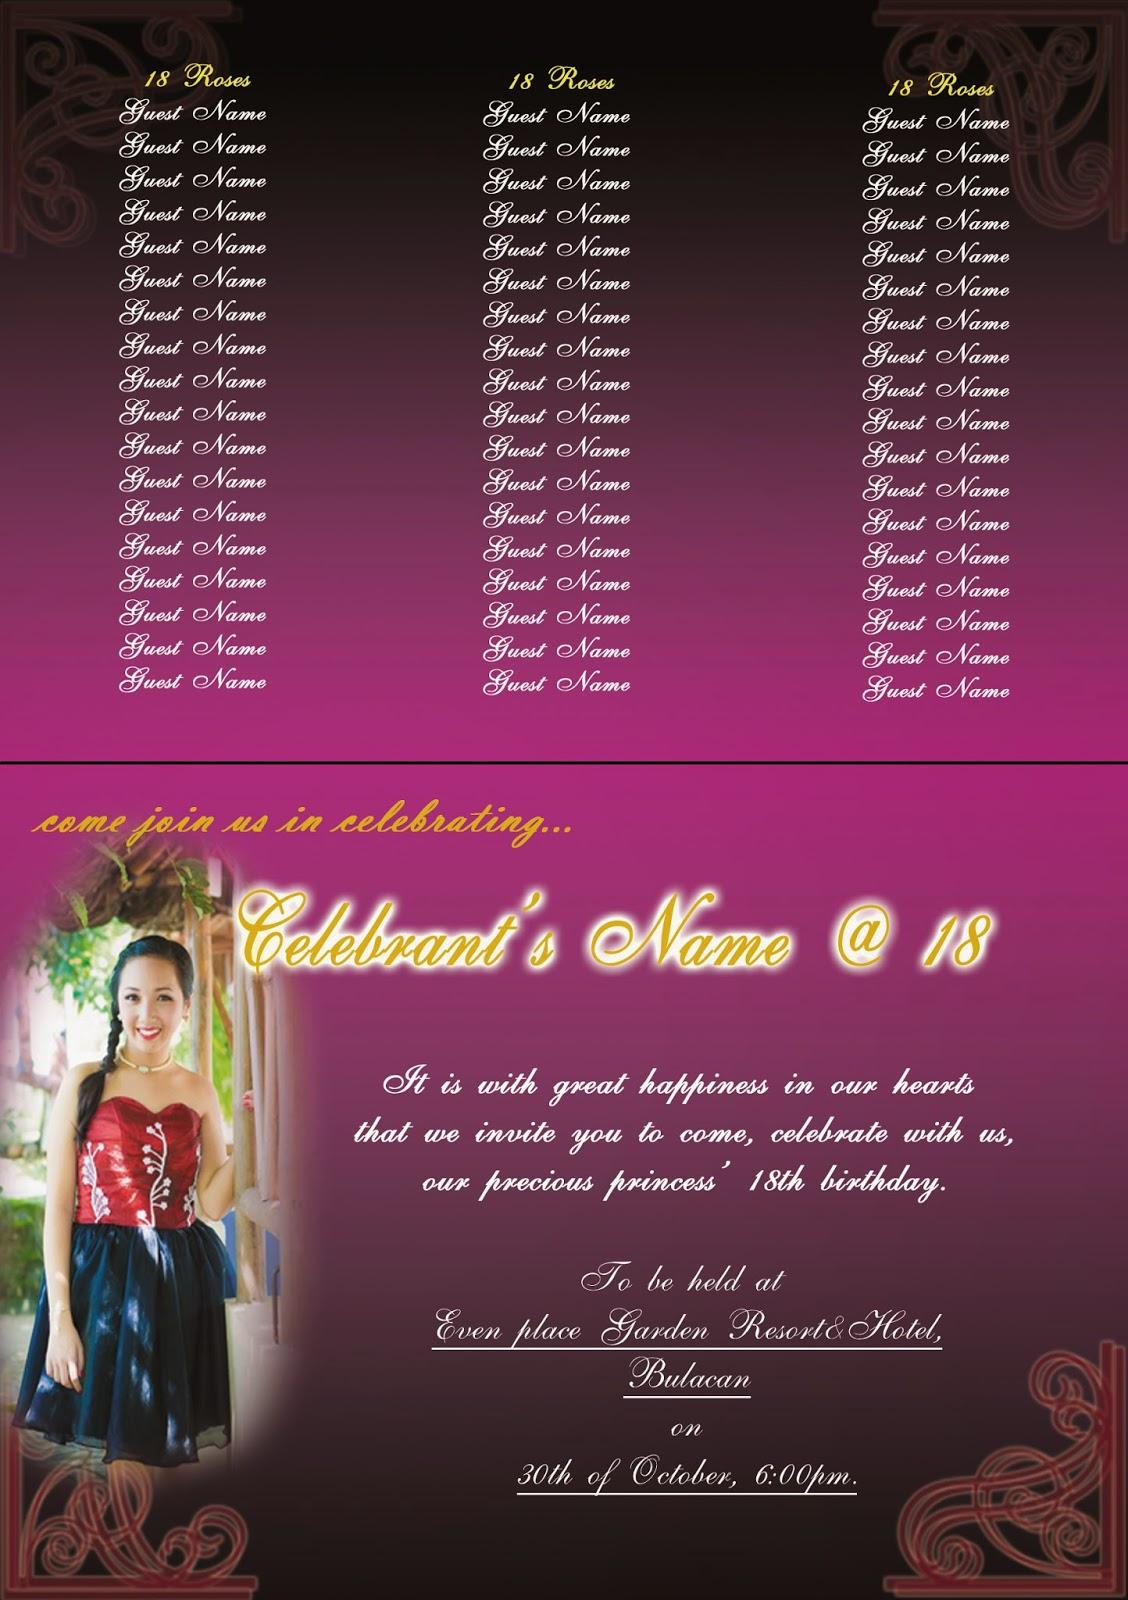 kawang gawa first design th birthday invitation card, invitation samples